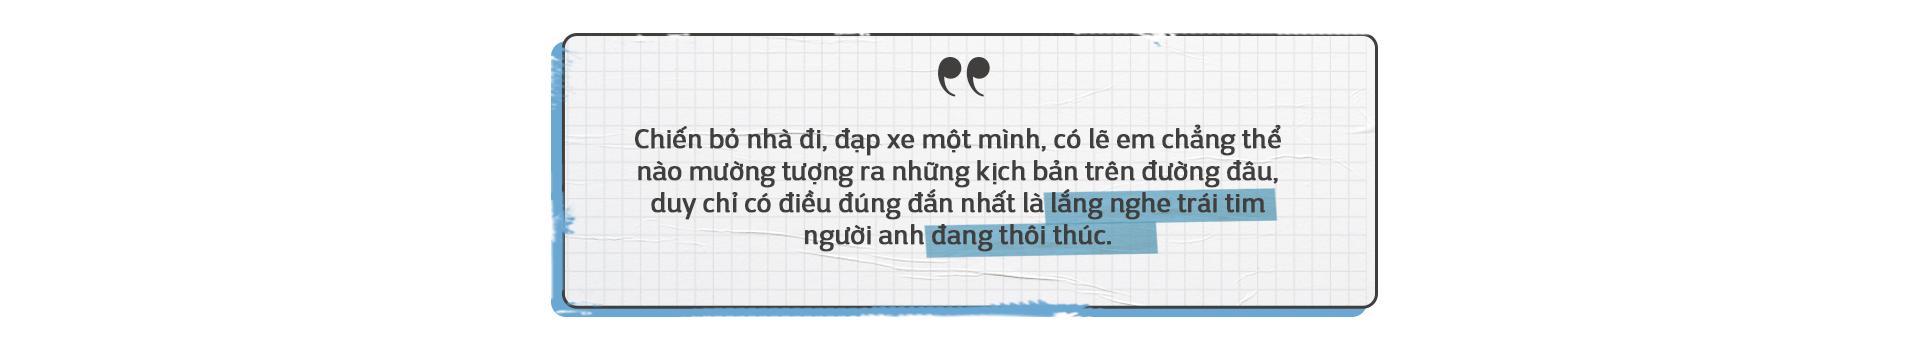 Những câu chuyện nóng hổi tạo trend trong giới trẻ Việt 2019 - Ảnh 3.